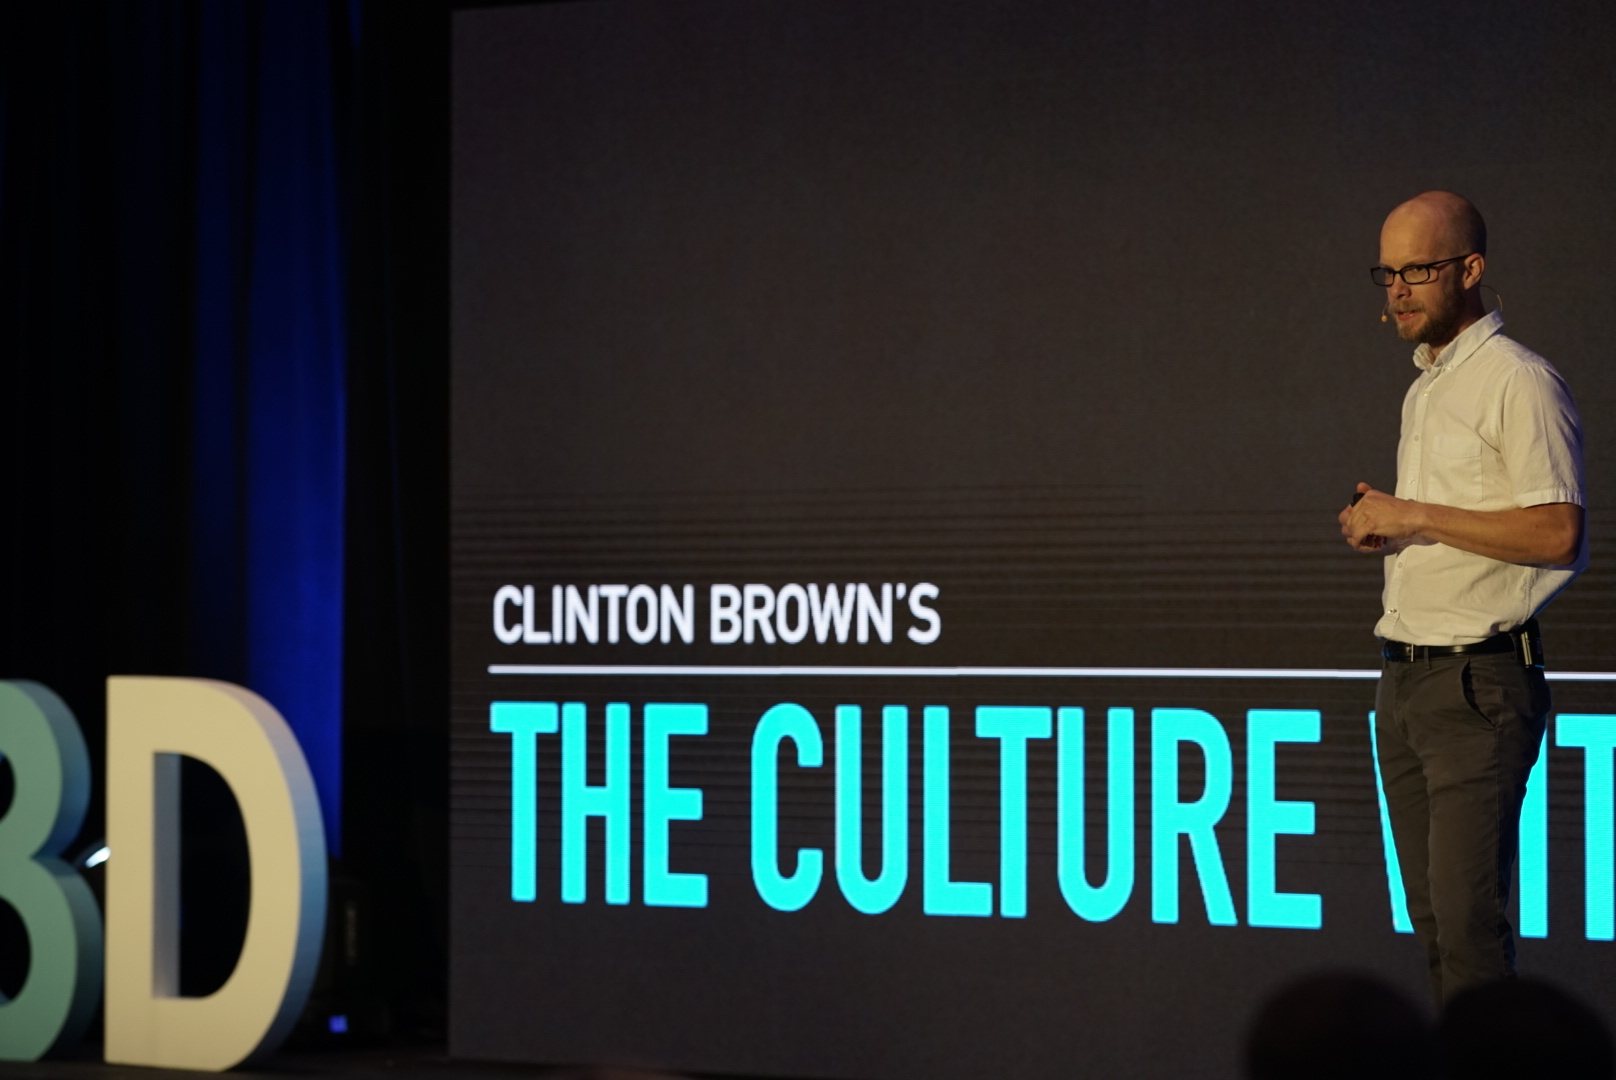 Speaking at Culturecon 2018